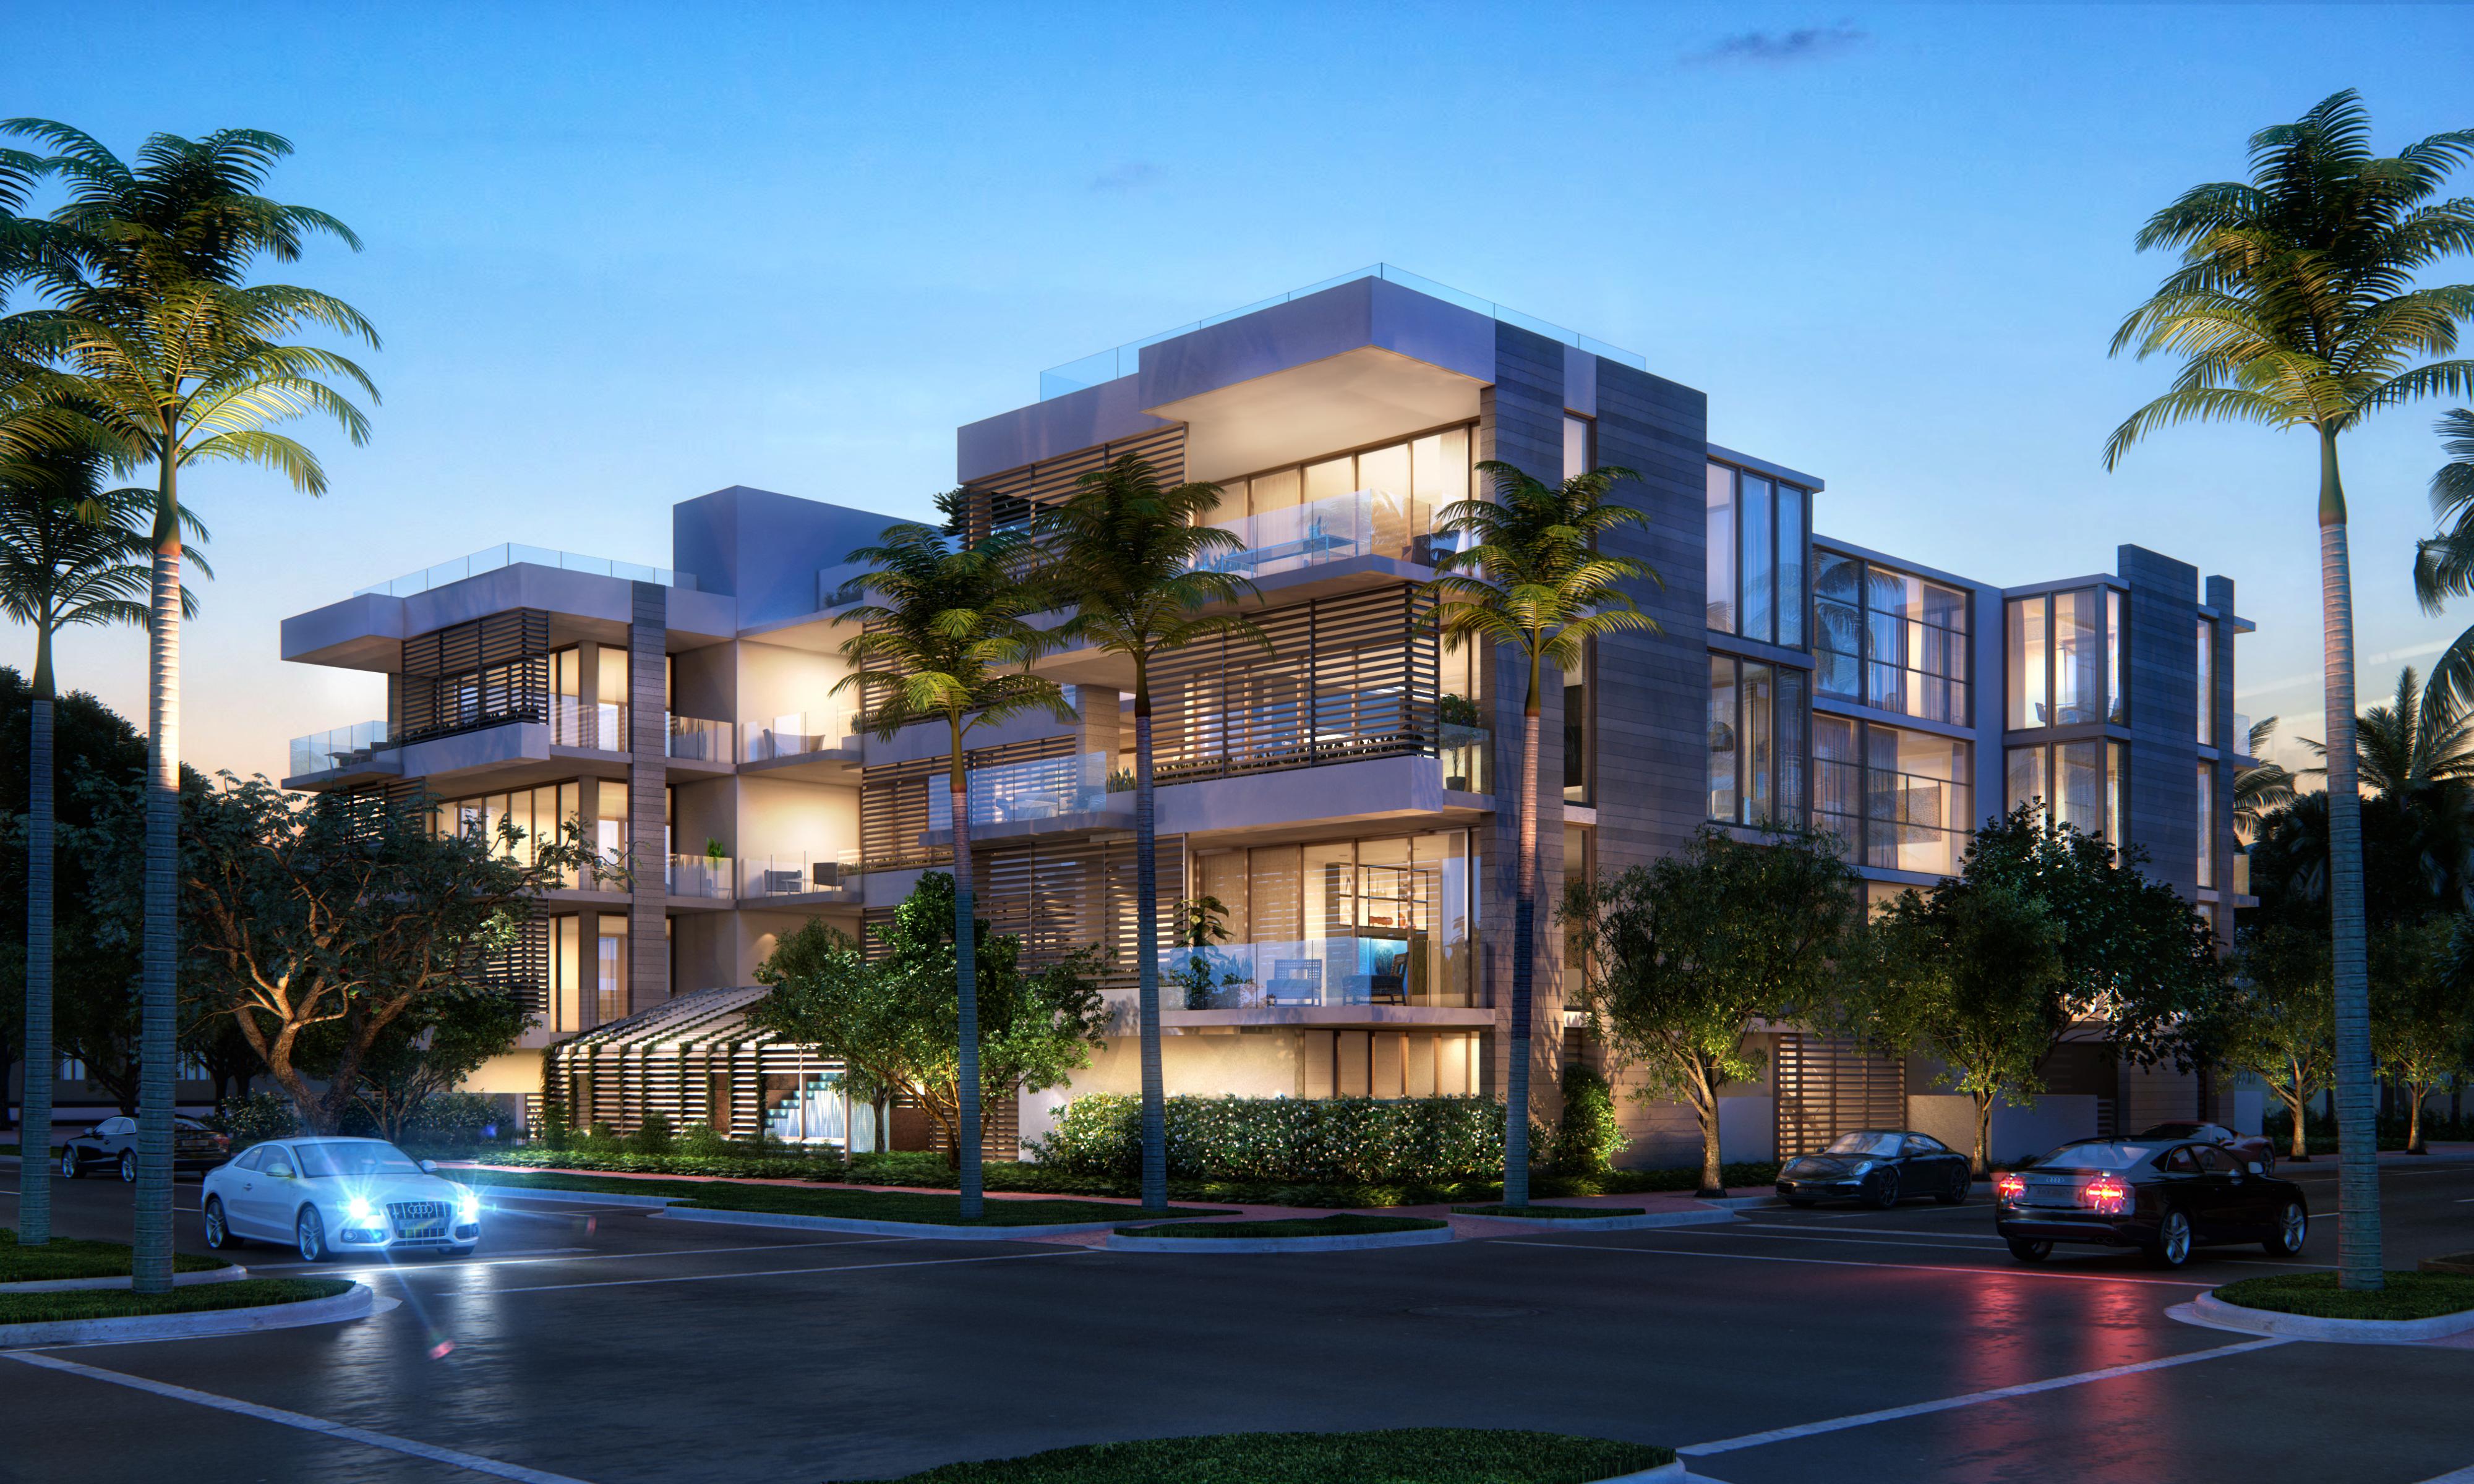 Eigentumswohnung für Verkauf beim 311 MERIDIAN AV # 202 311 Meridian Av 202 Miami Beach, Florida, 33139 Vereinigte Staaten